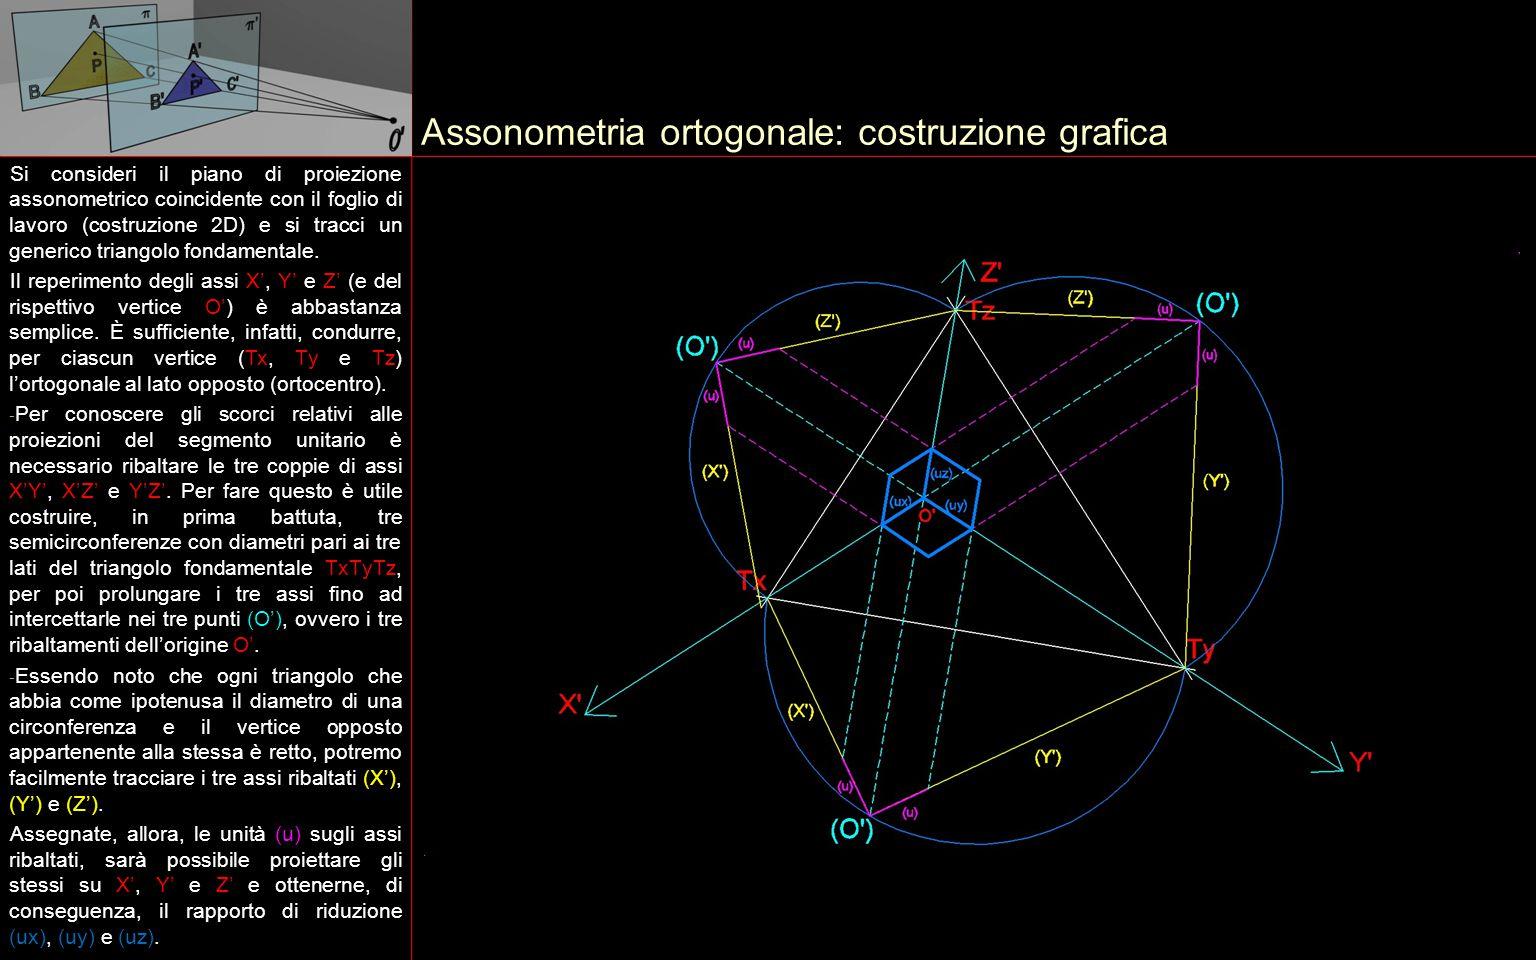 Assonometria ortogonale: costruzione grafica